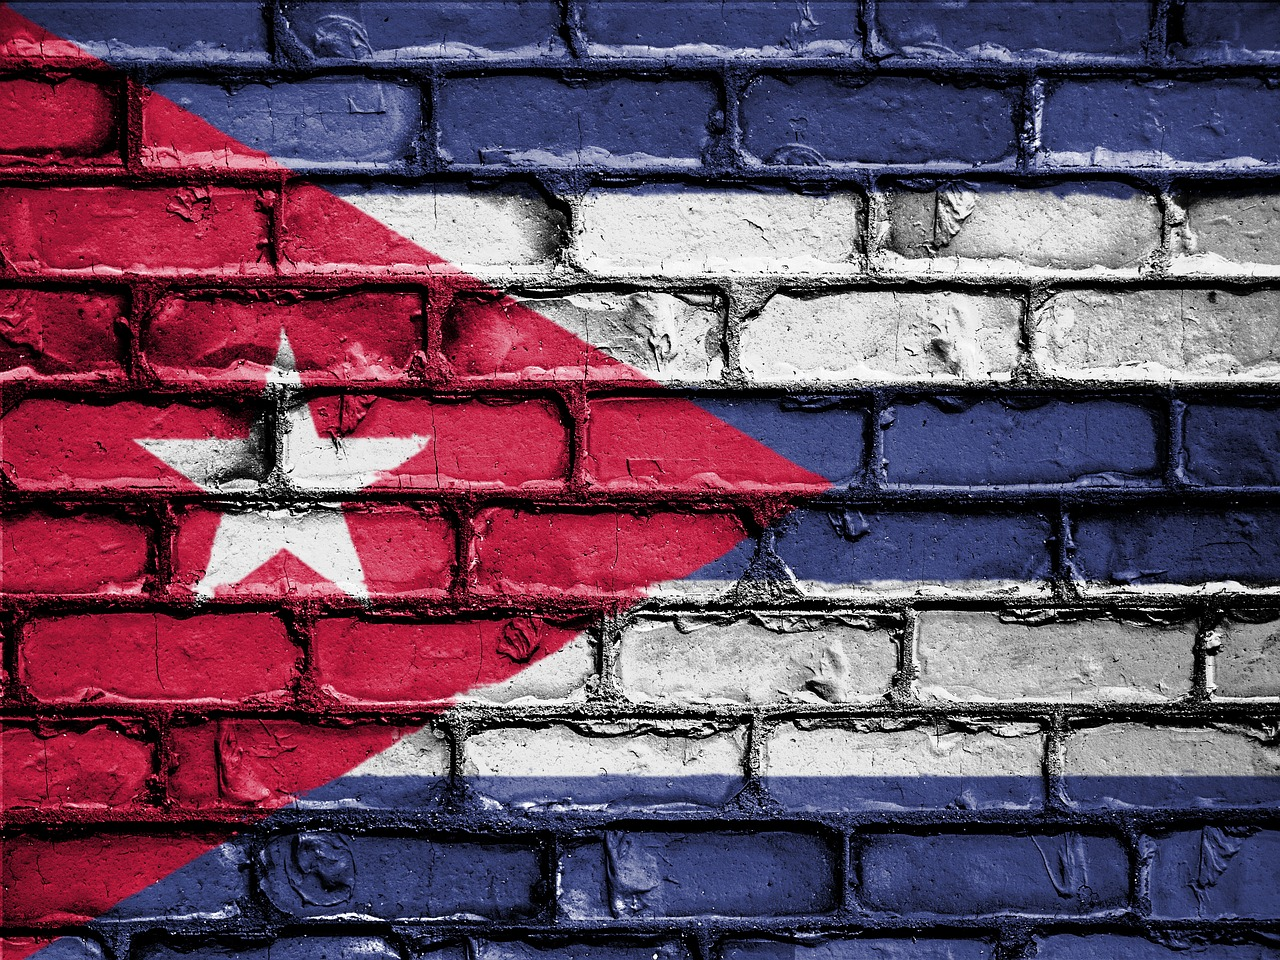 ¿QUÉ FUE DE LAS PROTESTAS EN CUBA?